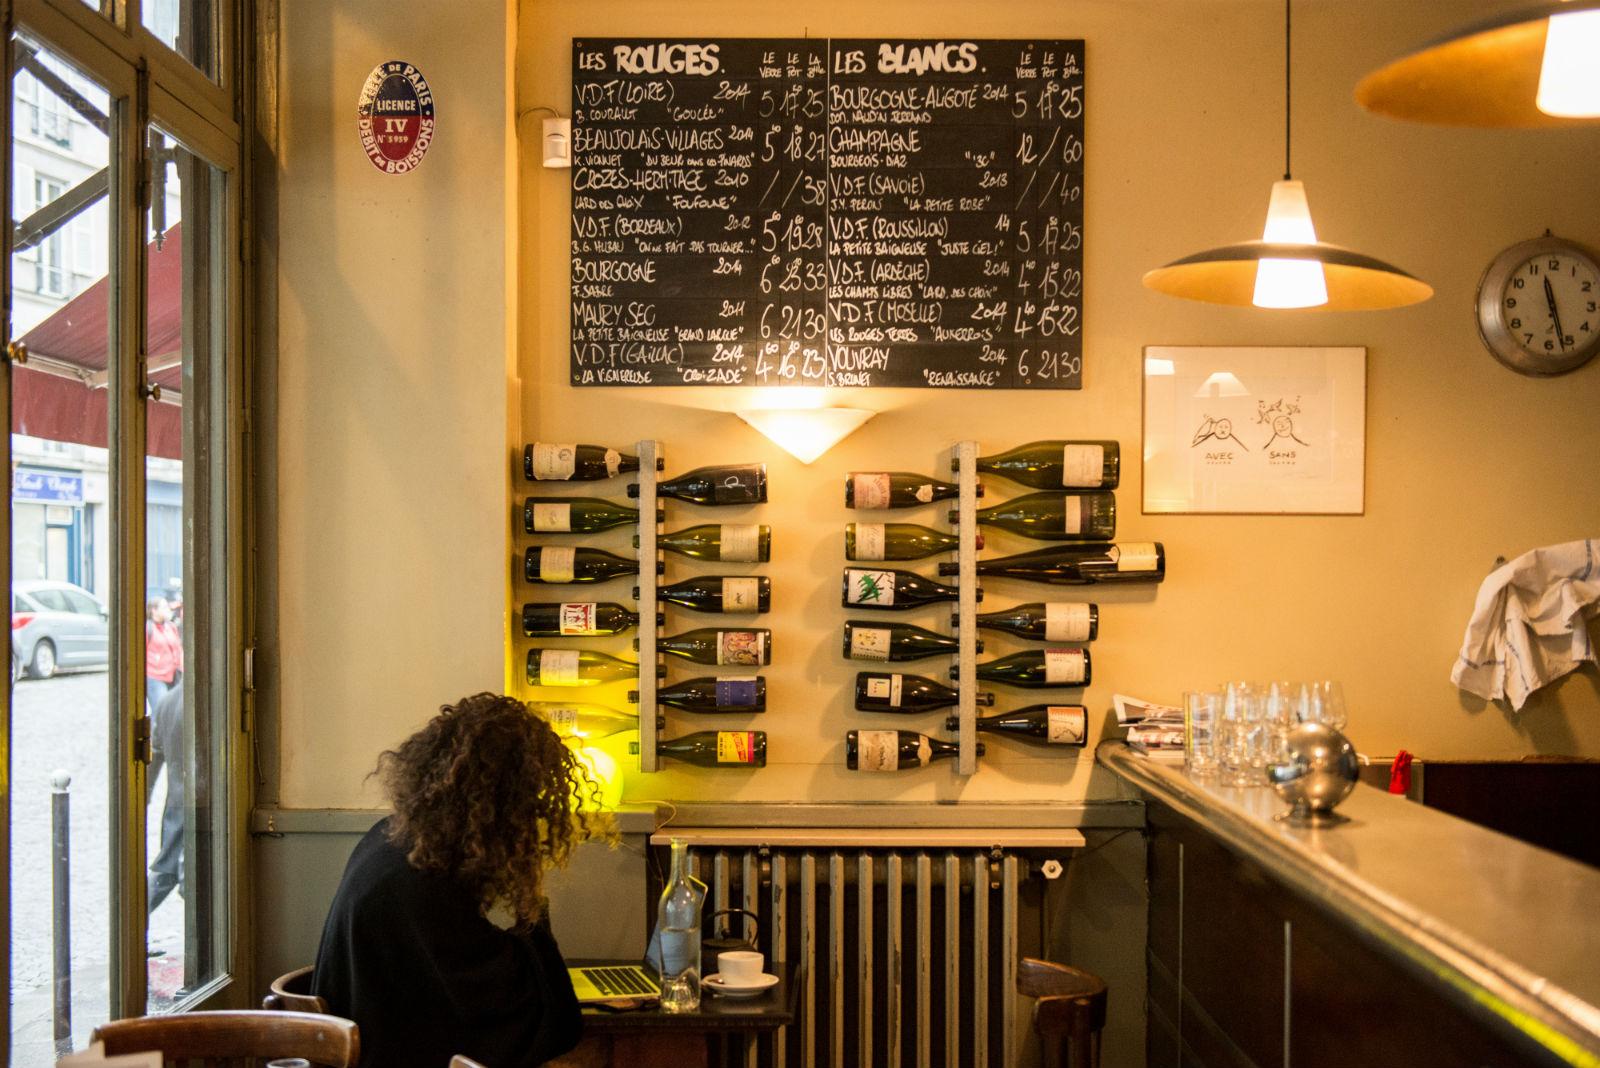 HiP Paris blog. Cafe de la Nouvelle Mairie. Counter decor.